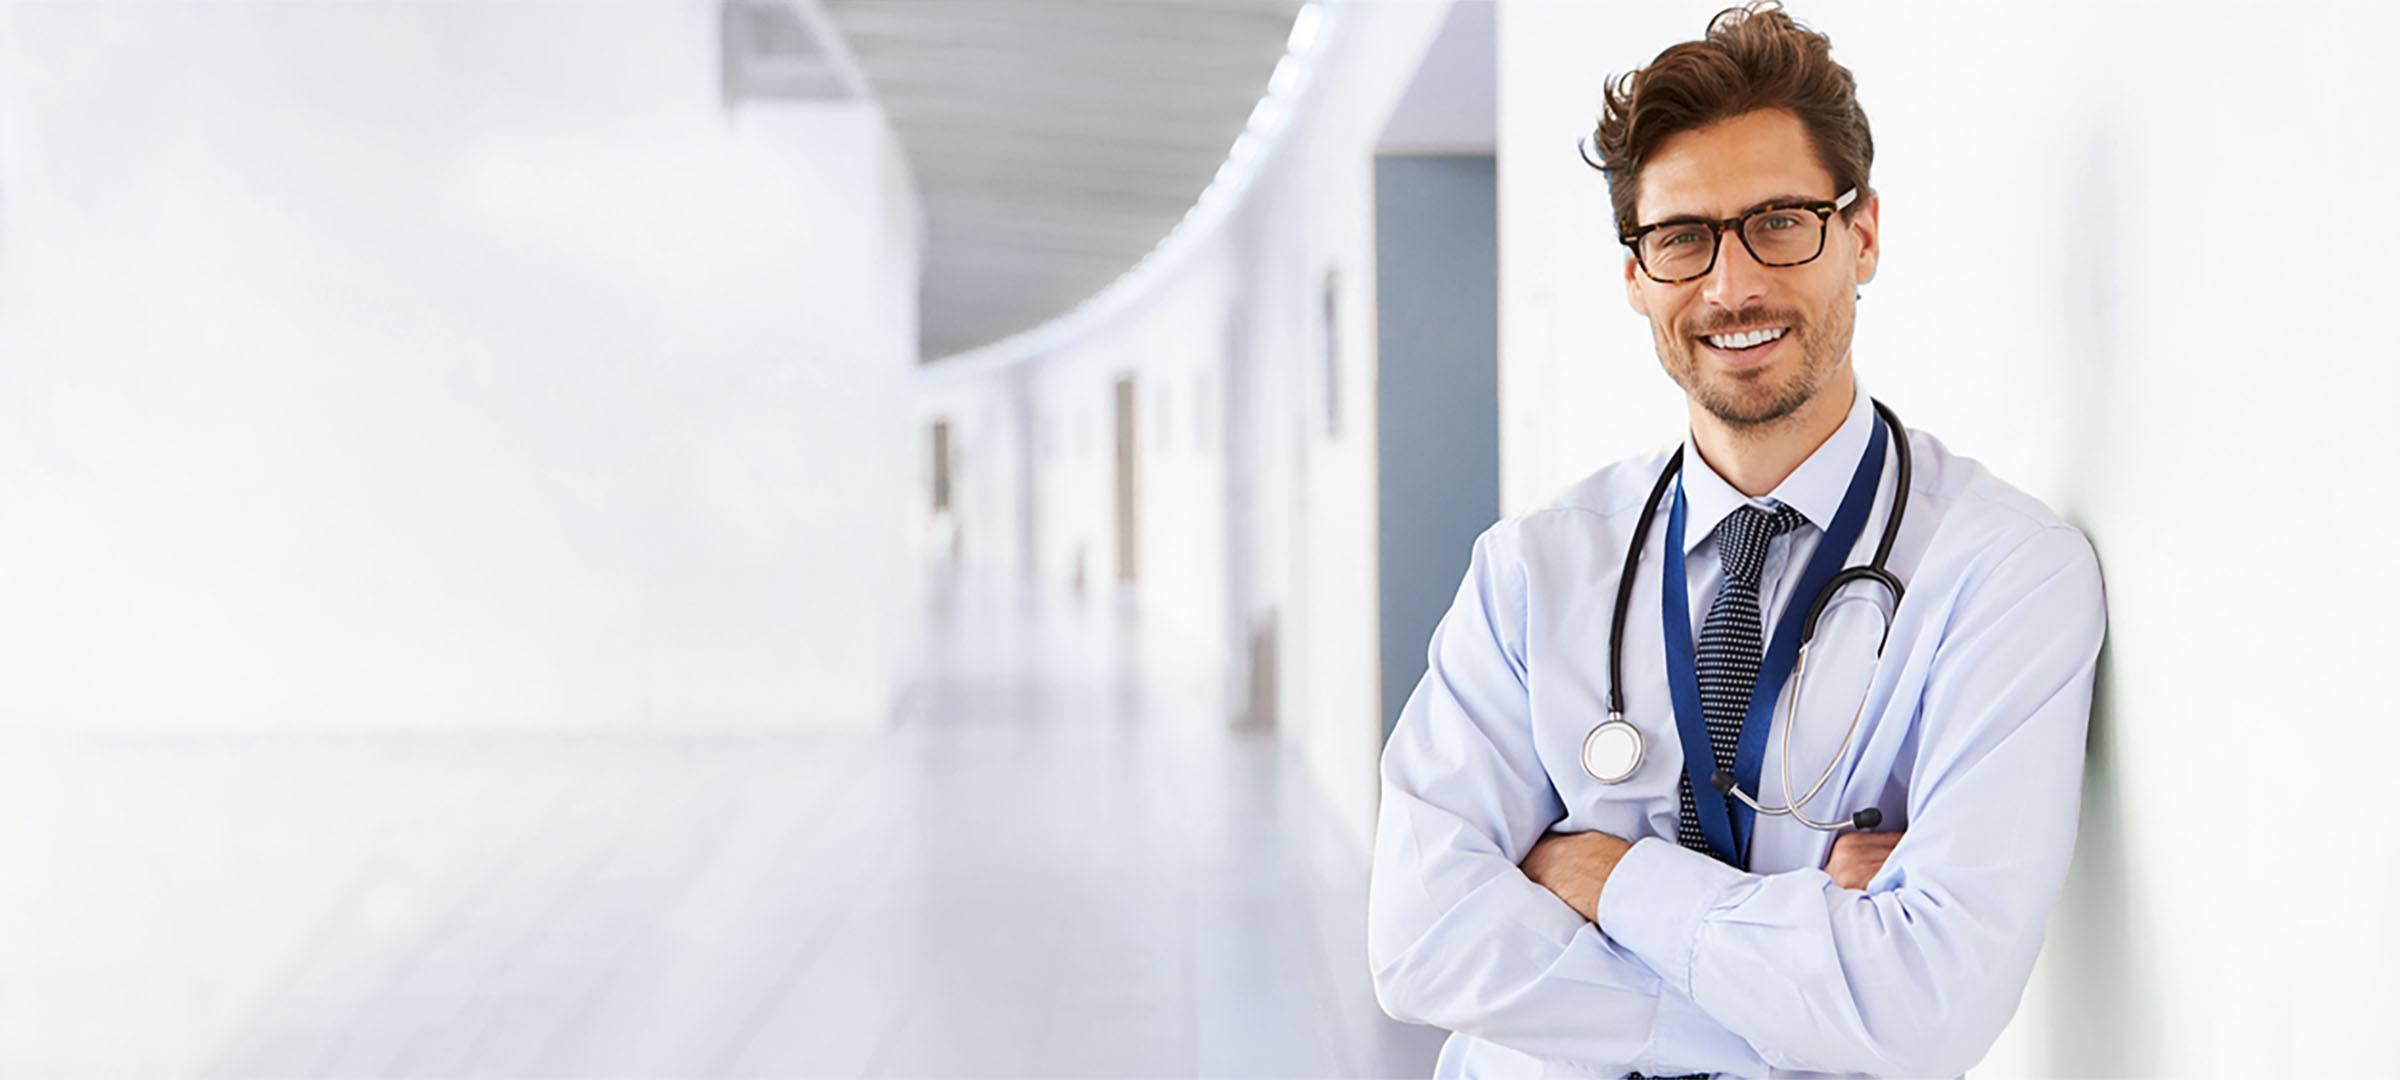 Junger Arzt bei der Praxisgründung.